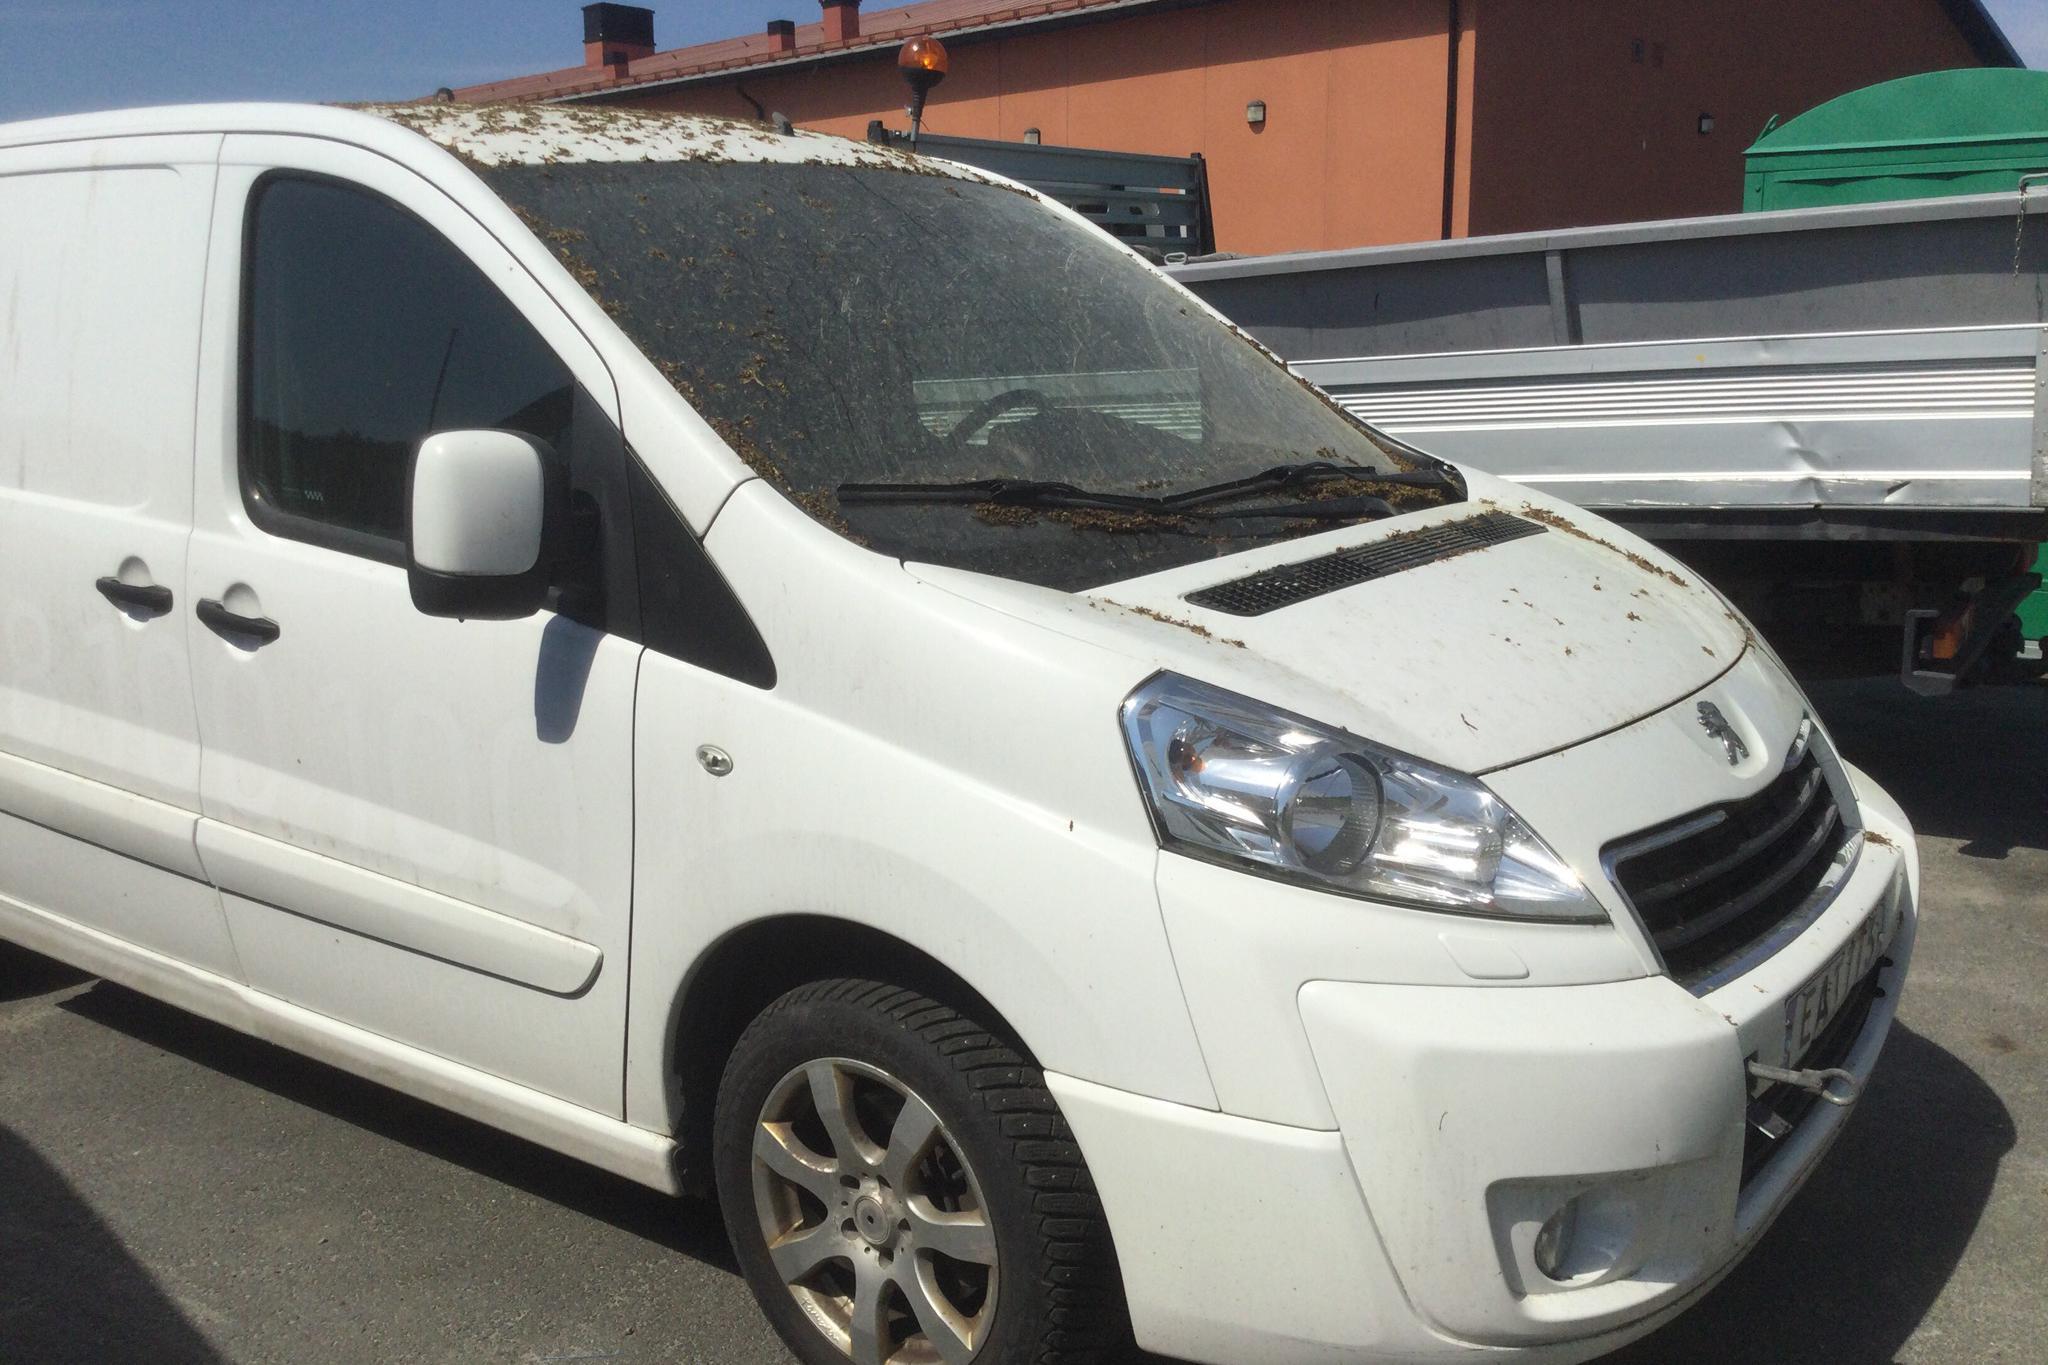 Peugeot Expert 2.0 HDI Skåp (128hk) - 0 mil - Manuell - vit - 2015